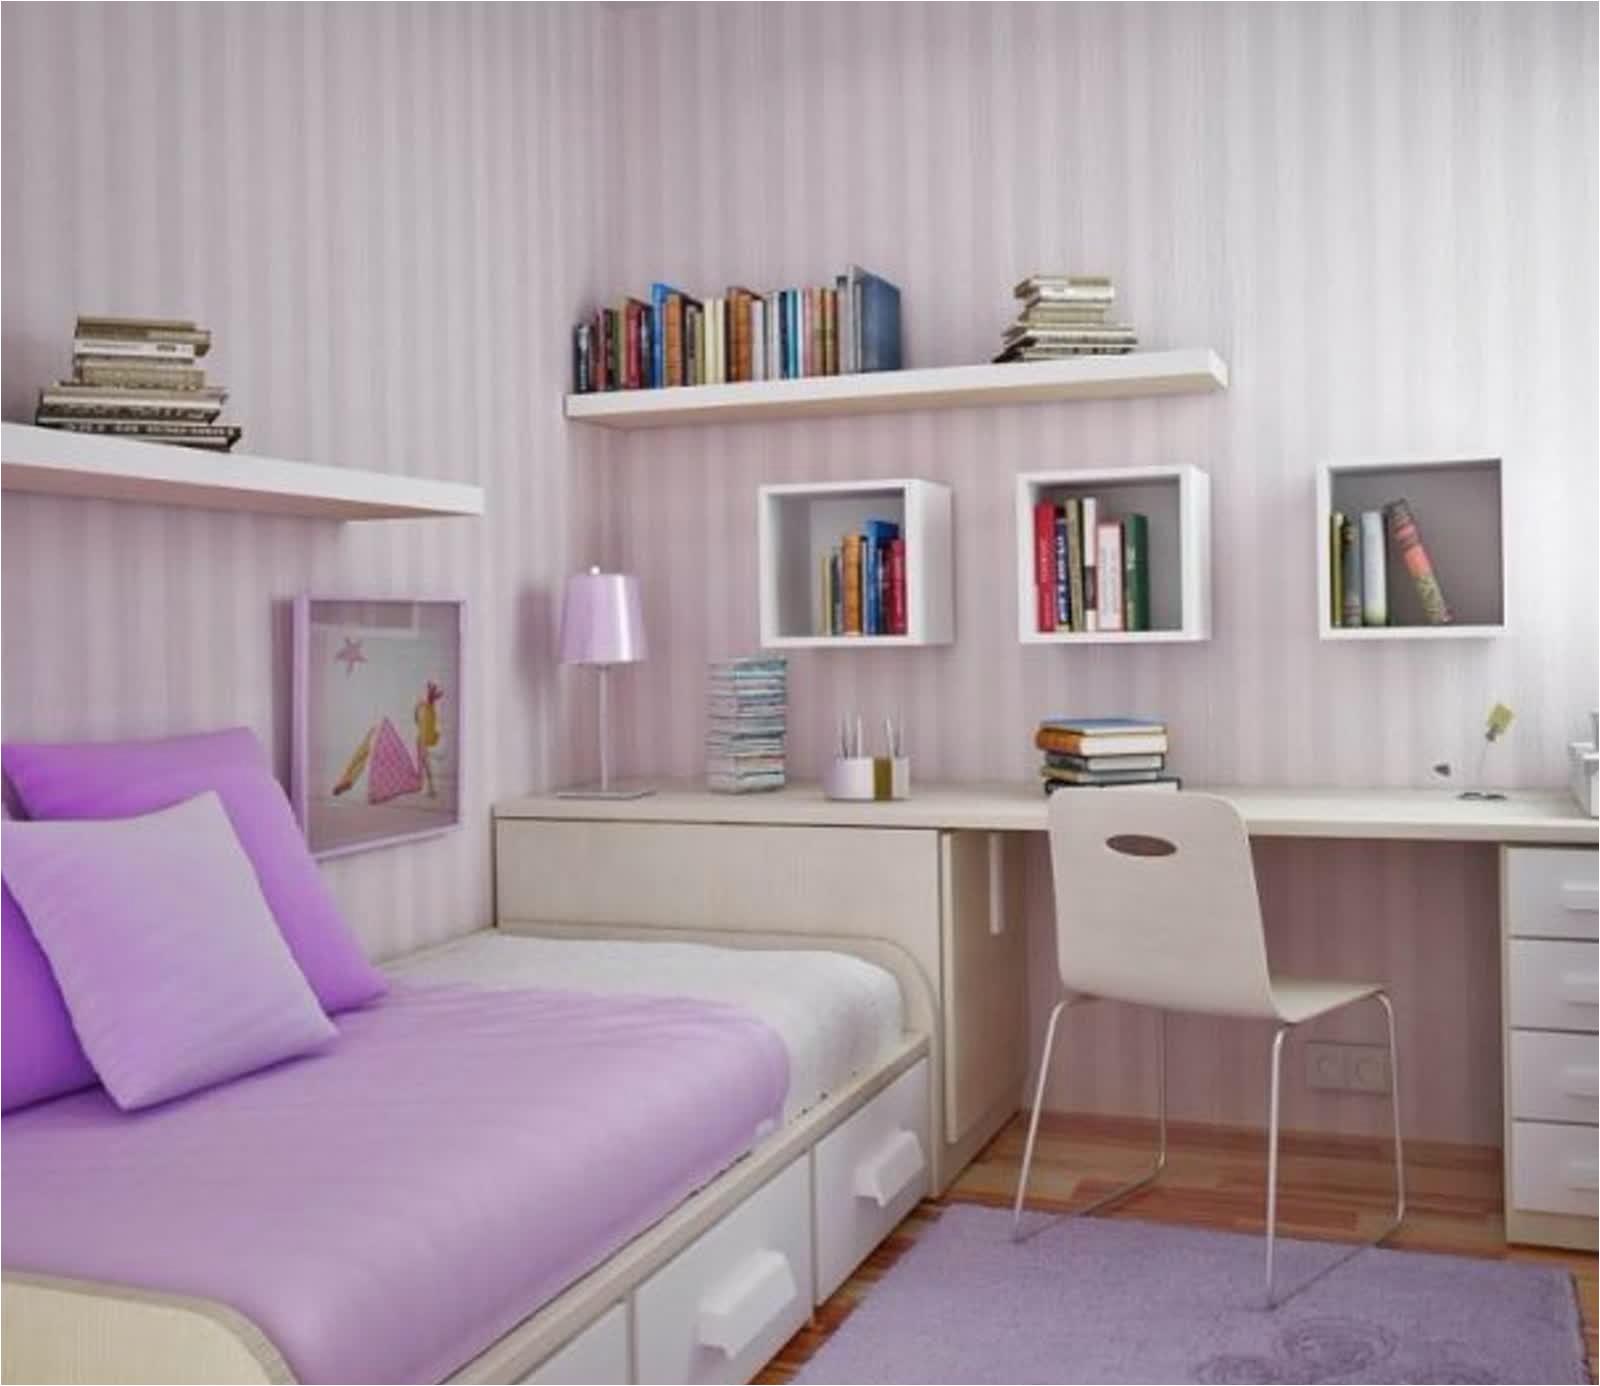 hausliche verbesserung madchen schlafzimmer kleines richtig m c3 b6bel a4dchen ideen teen dekor fitu003d960 2c832